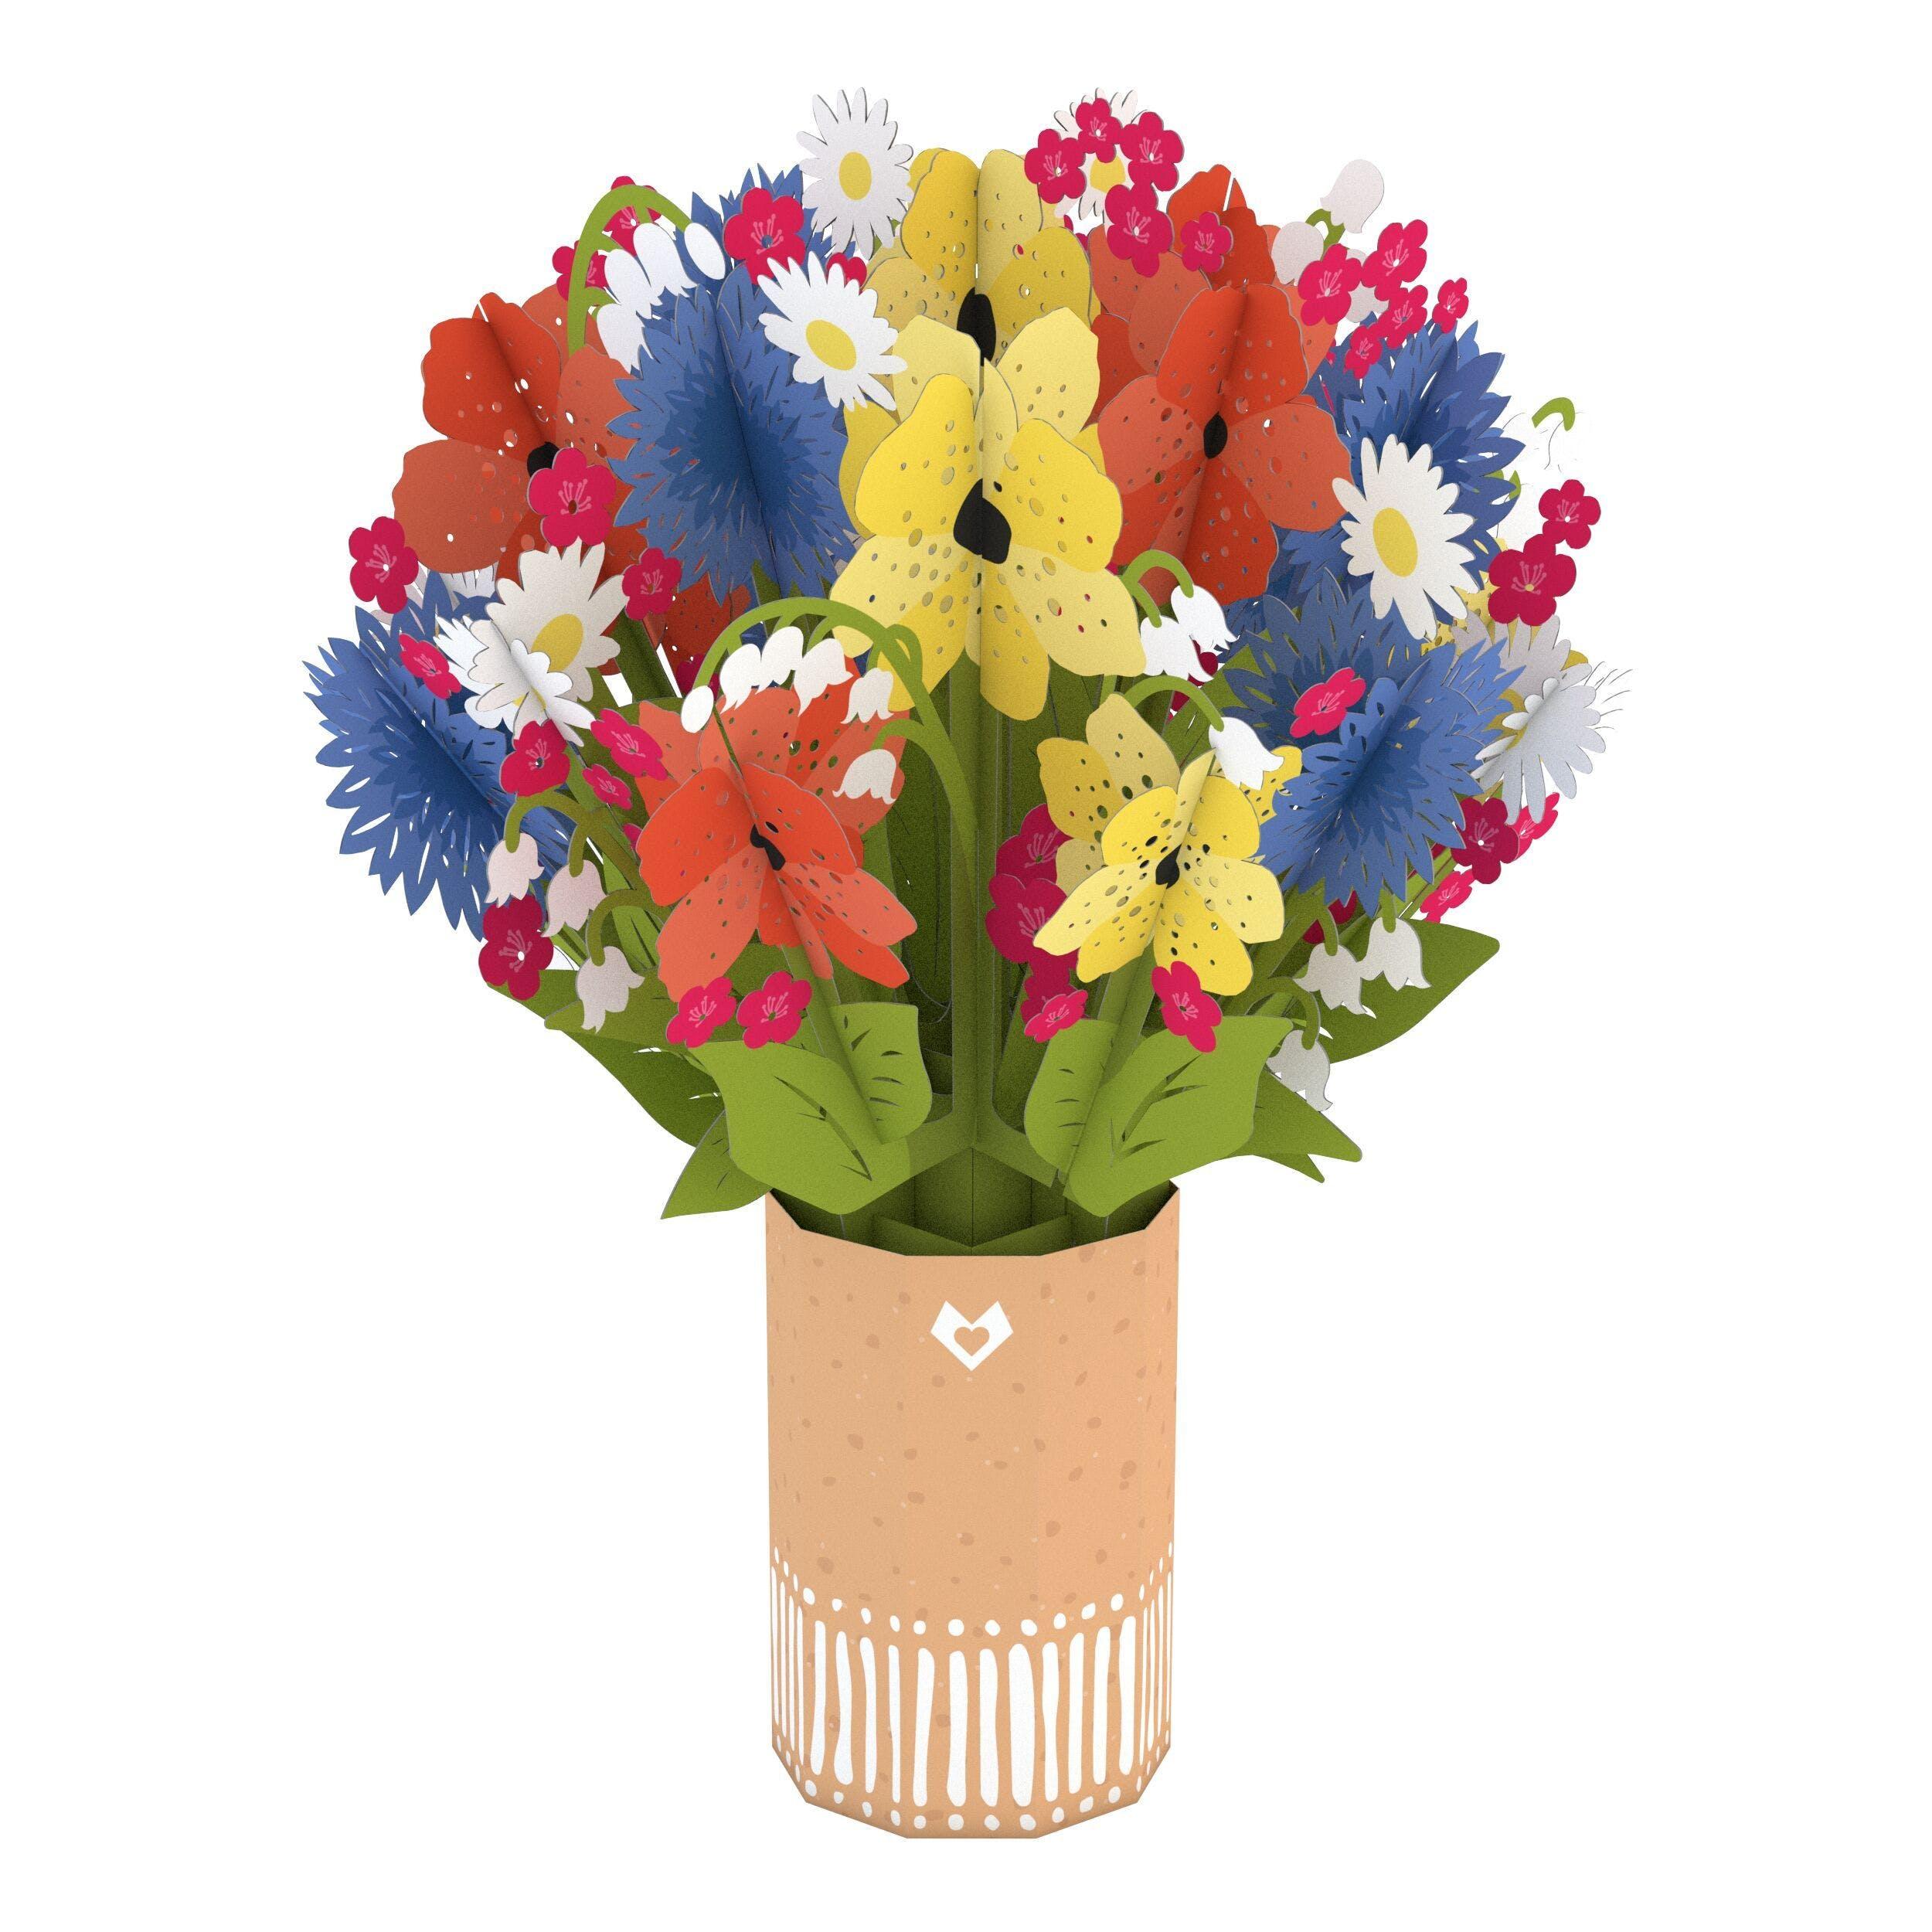 Wildblumenstrauß, Pop-Up Blumen